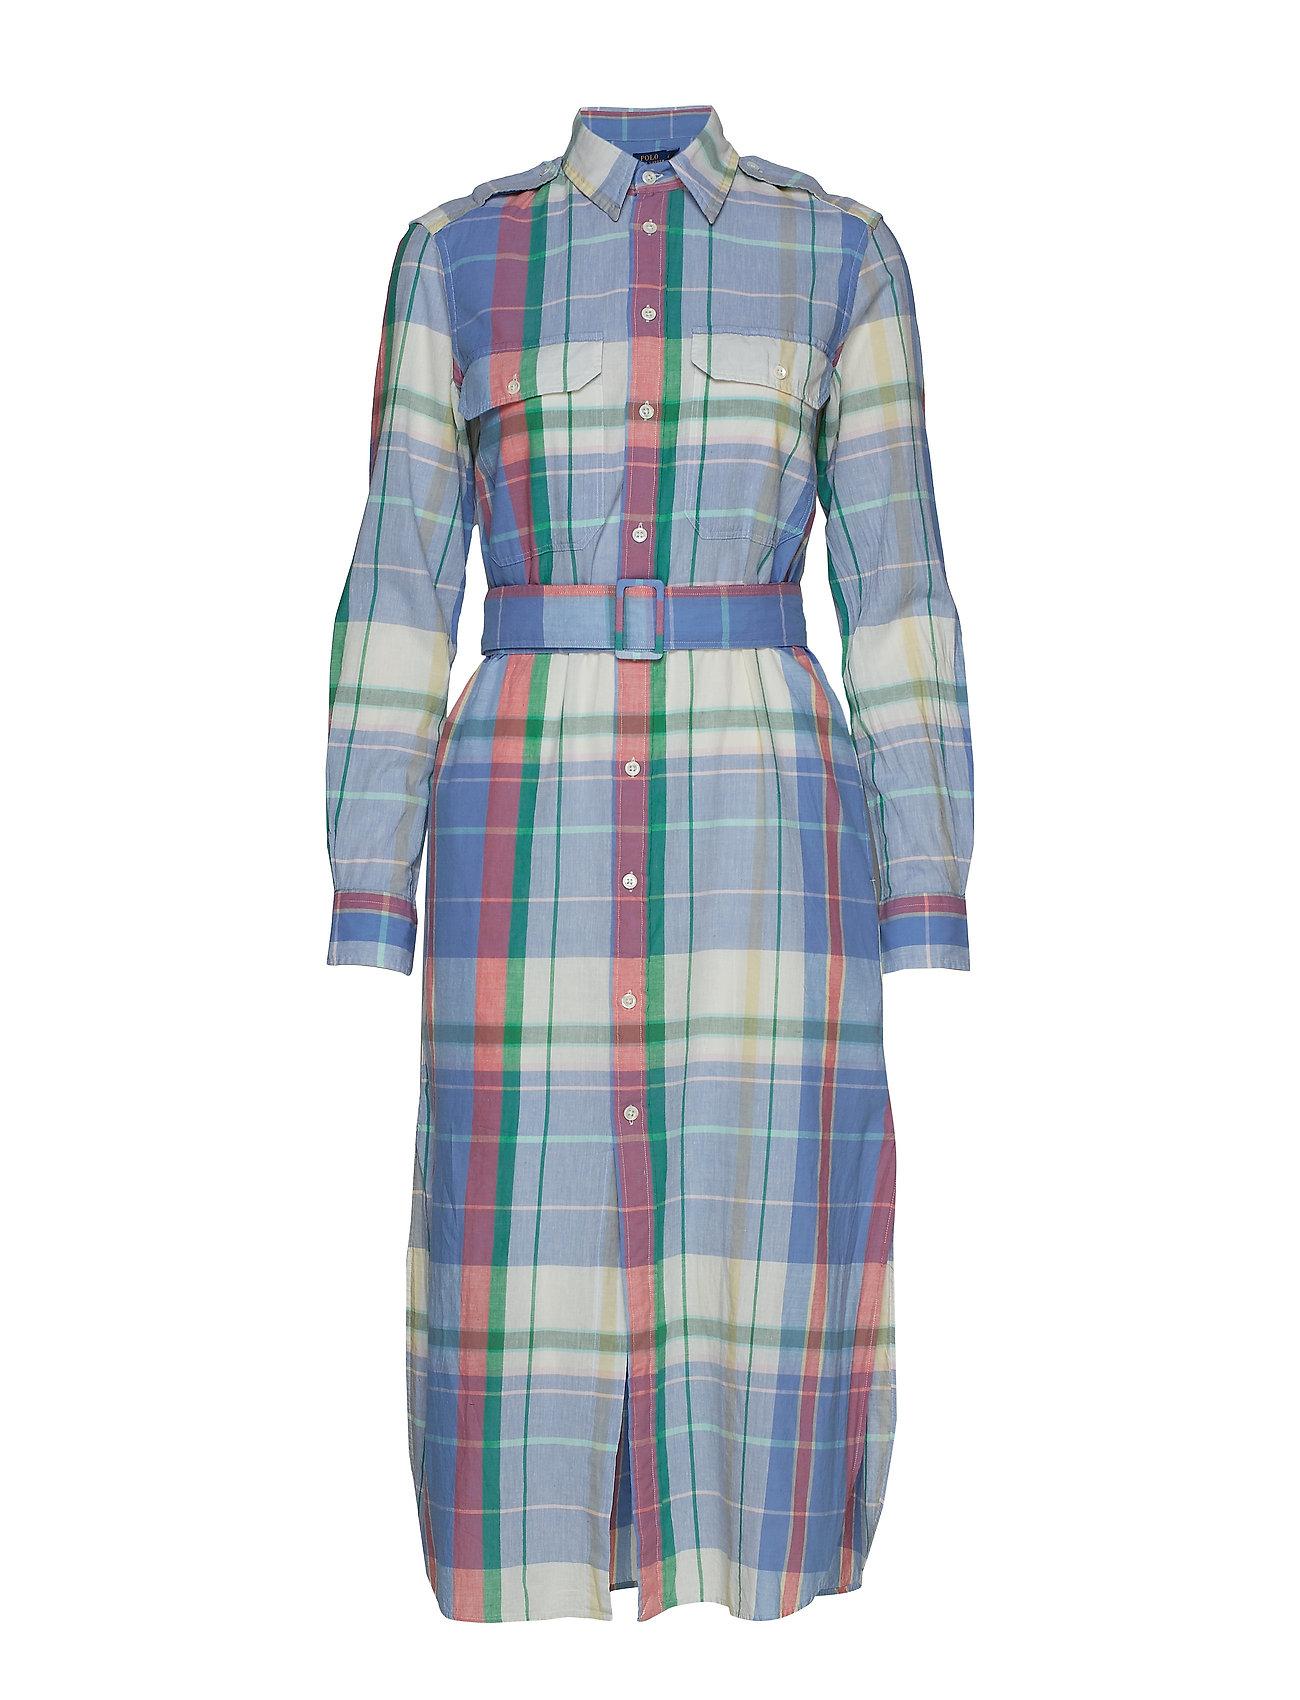 Polo Ralph Lauren Cotton Madras Shirtdress - 101 SOFT BLUE/PIN